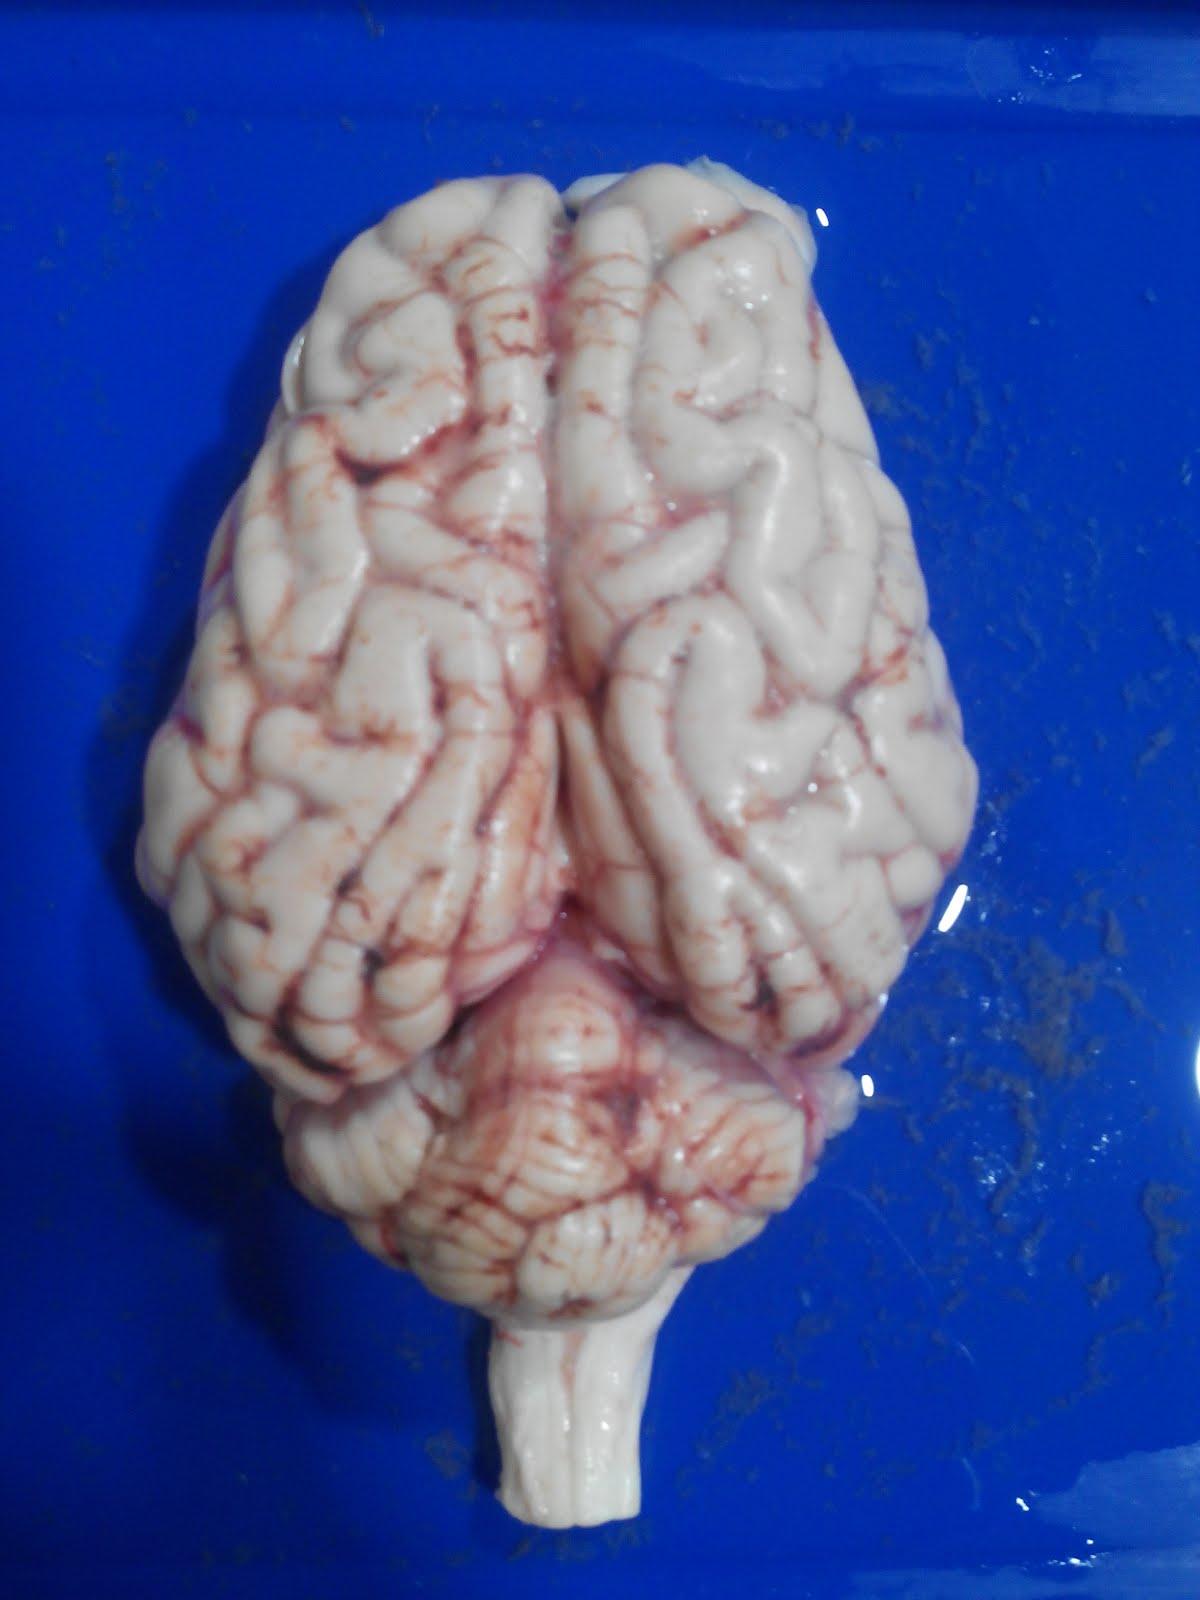 Bonito Anatomía De Un Cerebro De Oveja Embellecimiento - Imágenes de ...